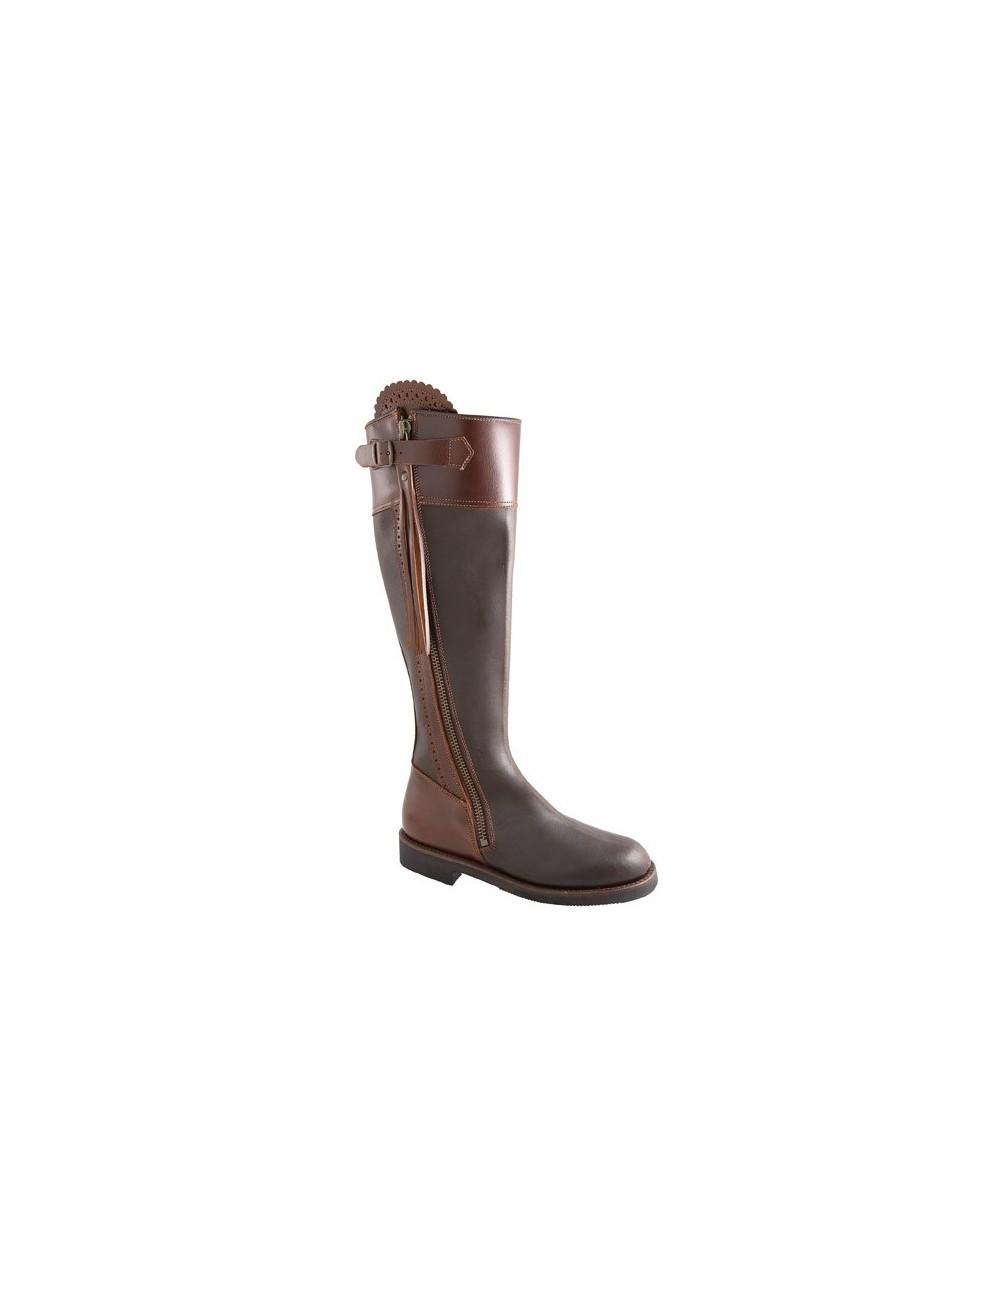 Bottes de chasse cuir marron à frange sur mesure